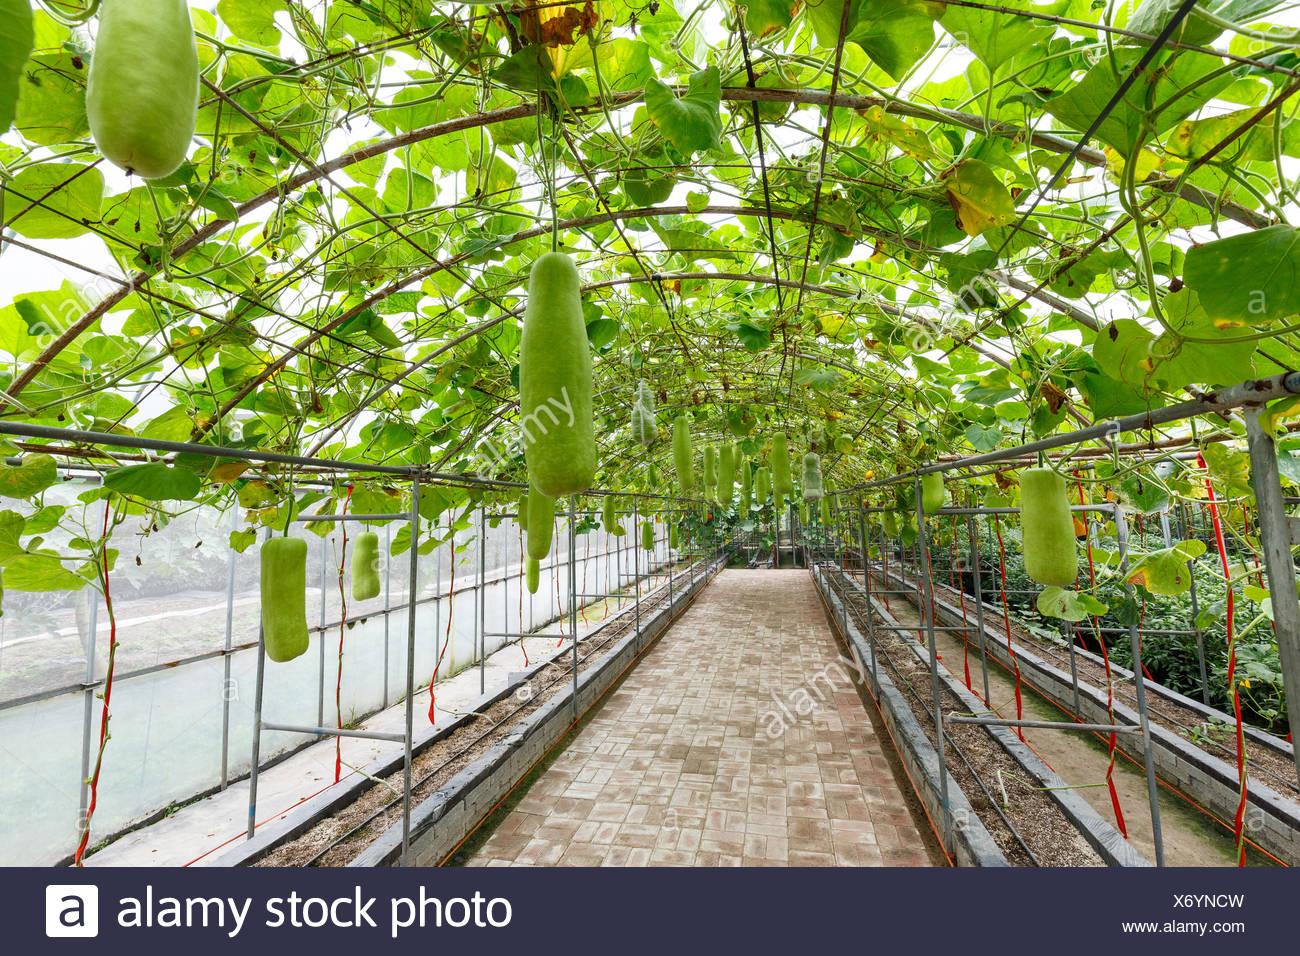 Innere Des Gemuse Gewachshaus Stockfoto Bild 279663353 Alamy